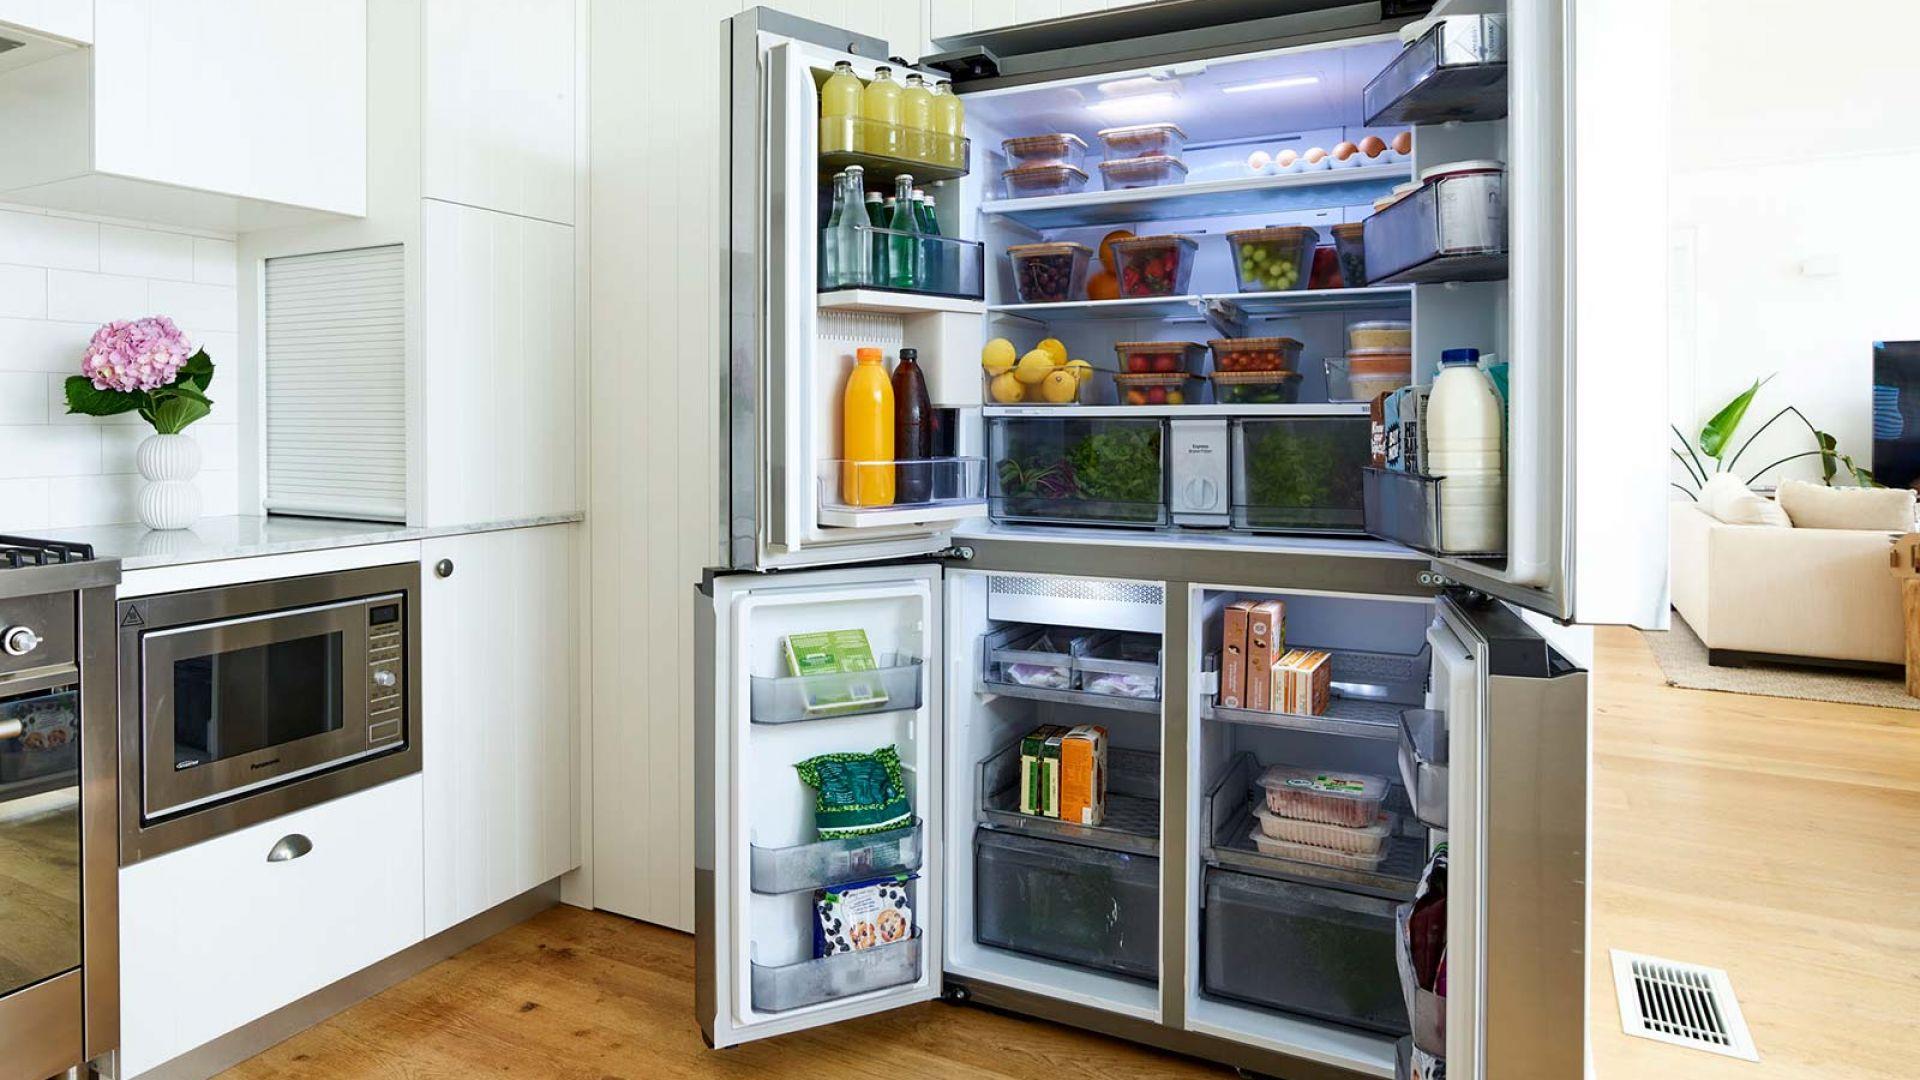 Хладилниците Bespoke на Samsung позволяват лесно конфигуриране и пренареждане